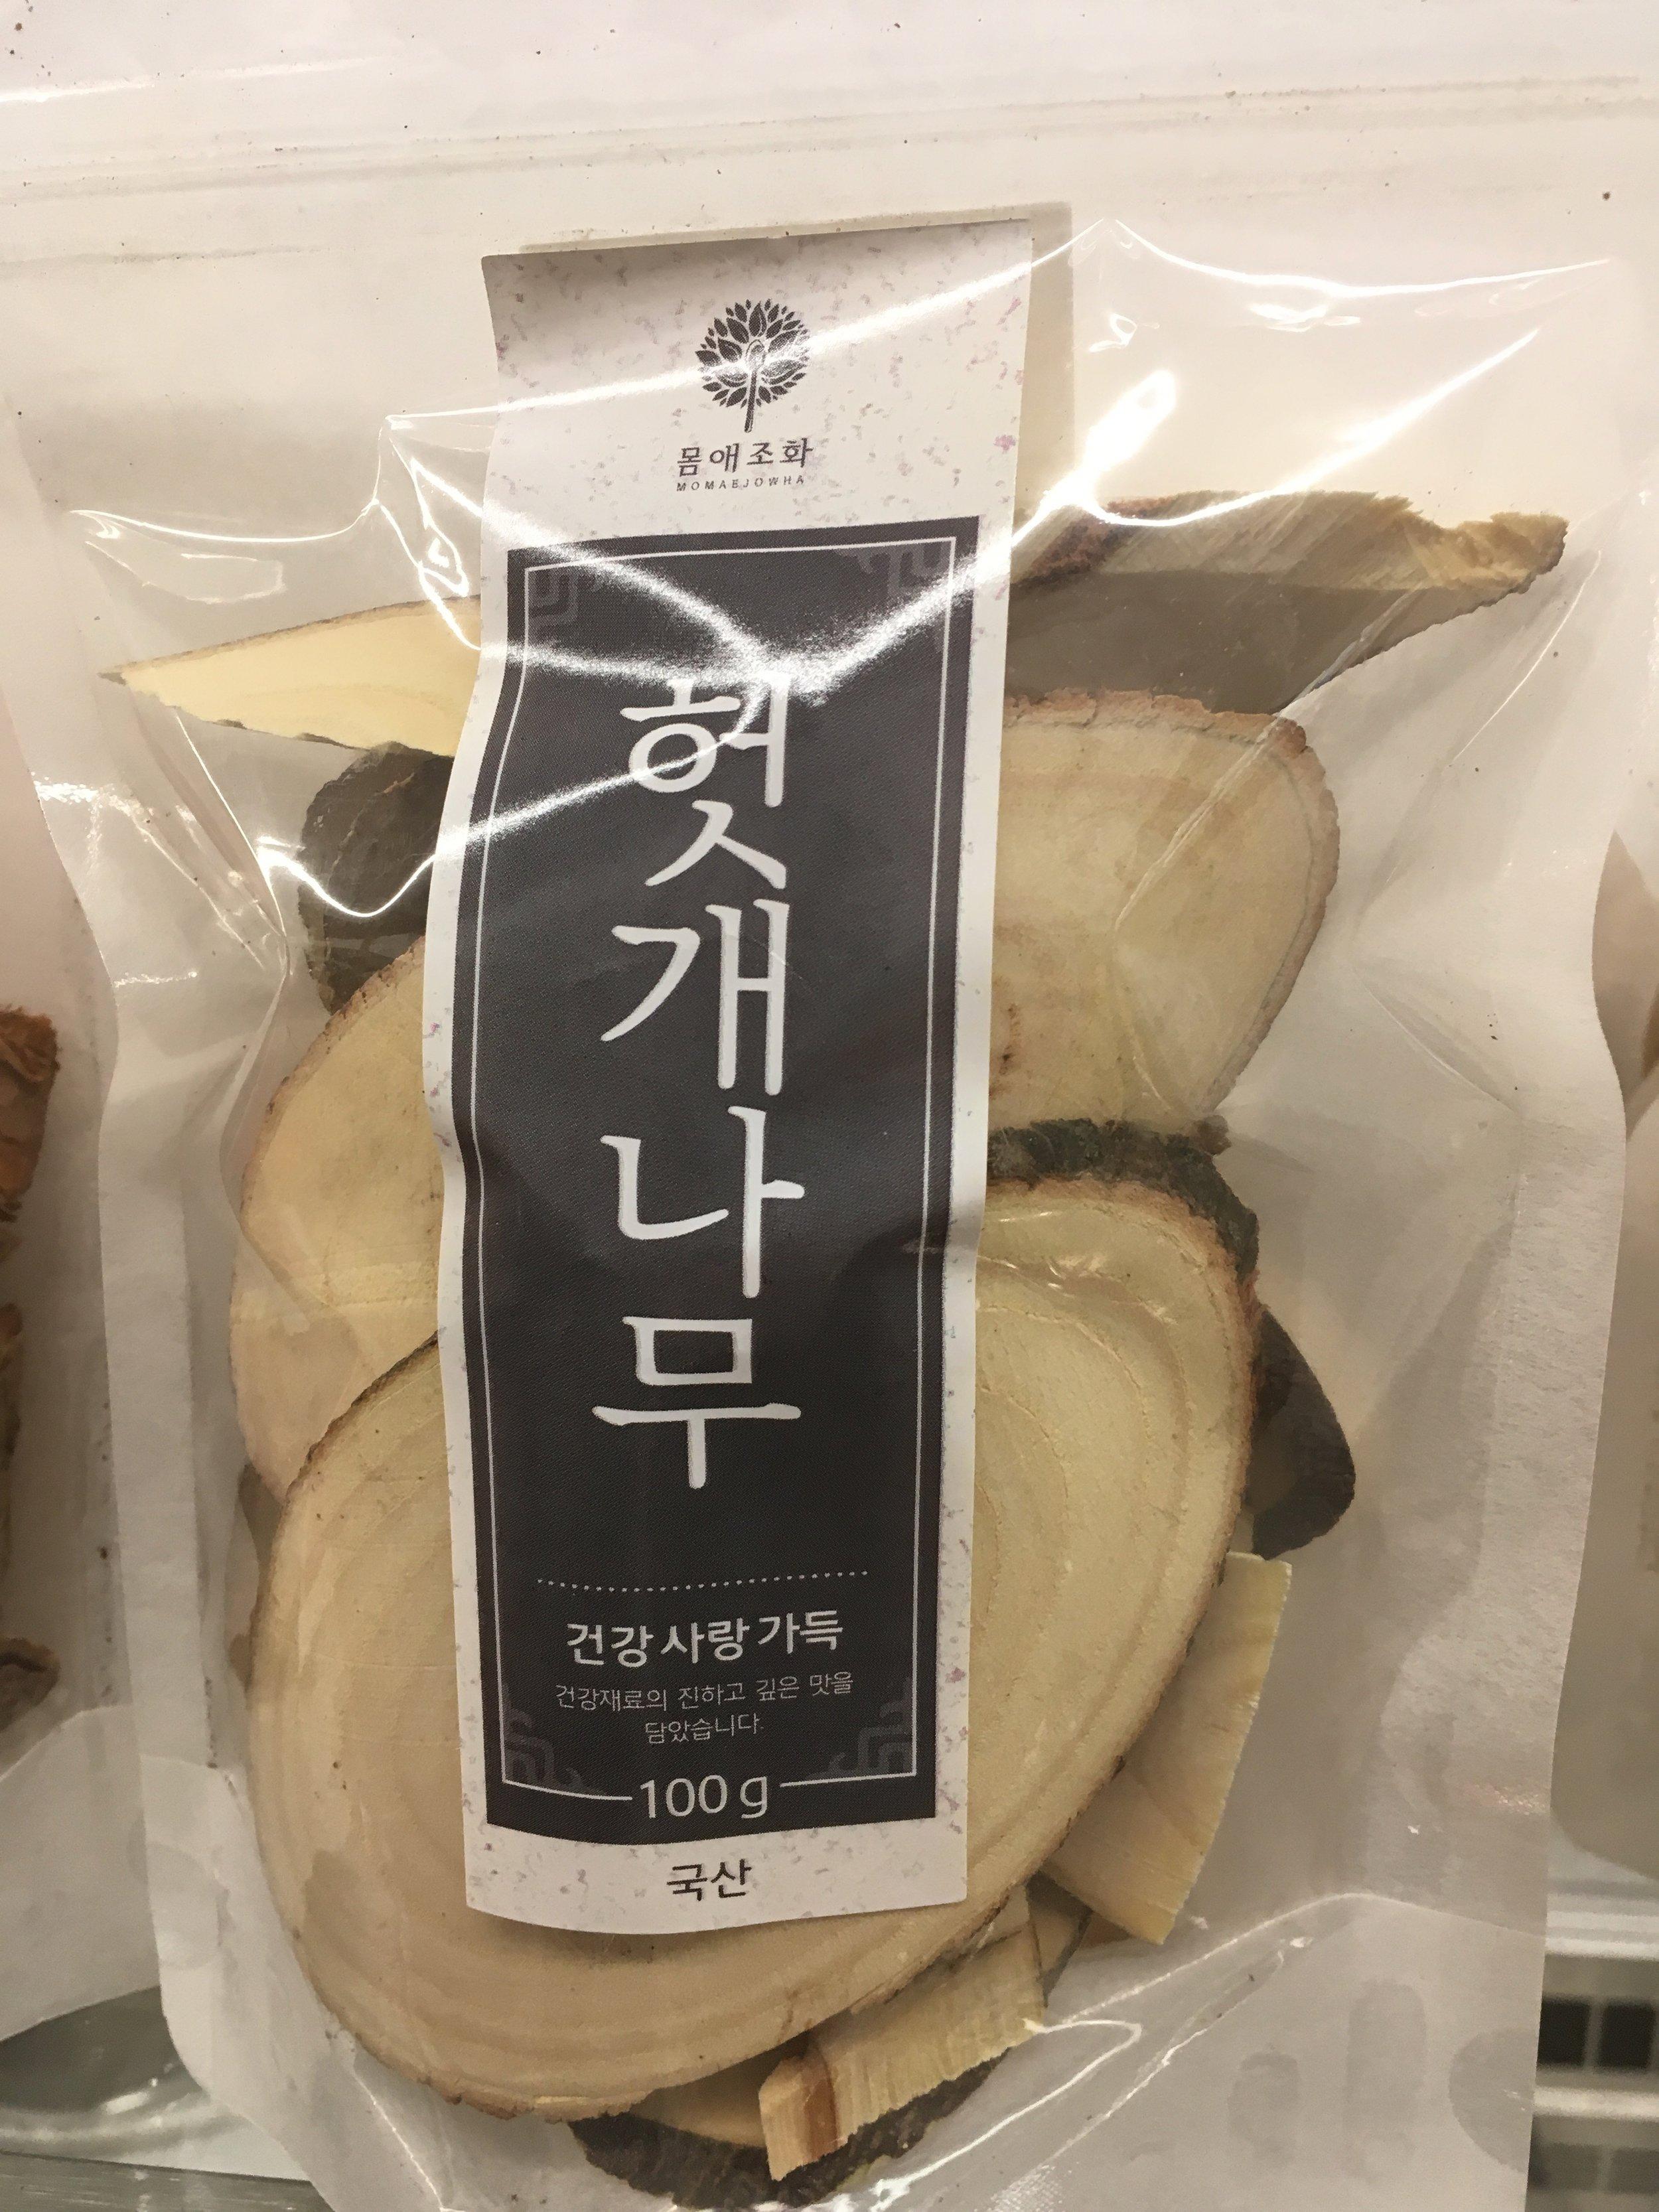 Many many mushrooms